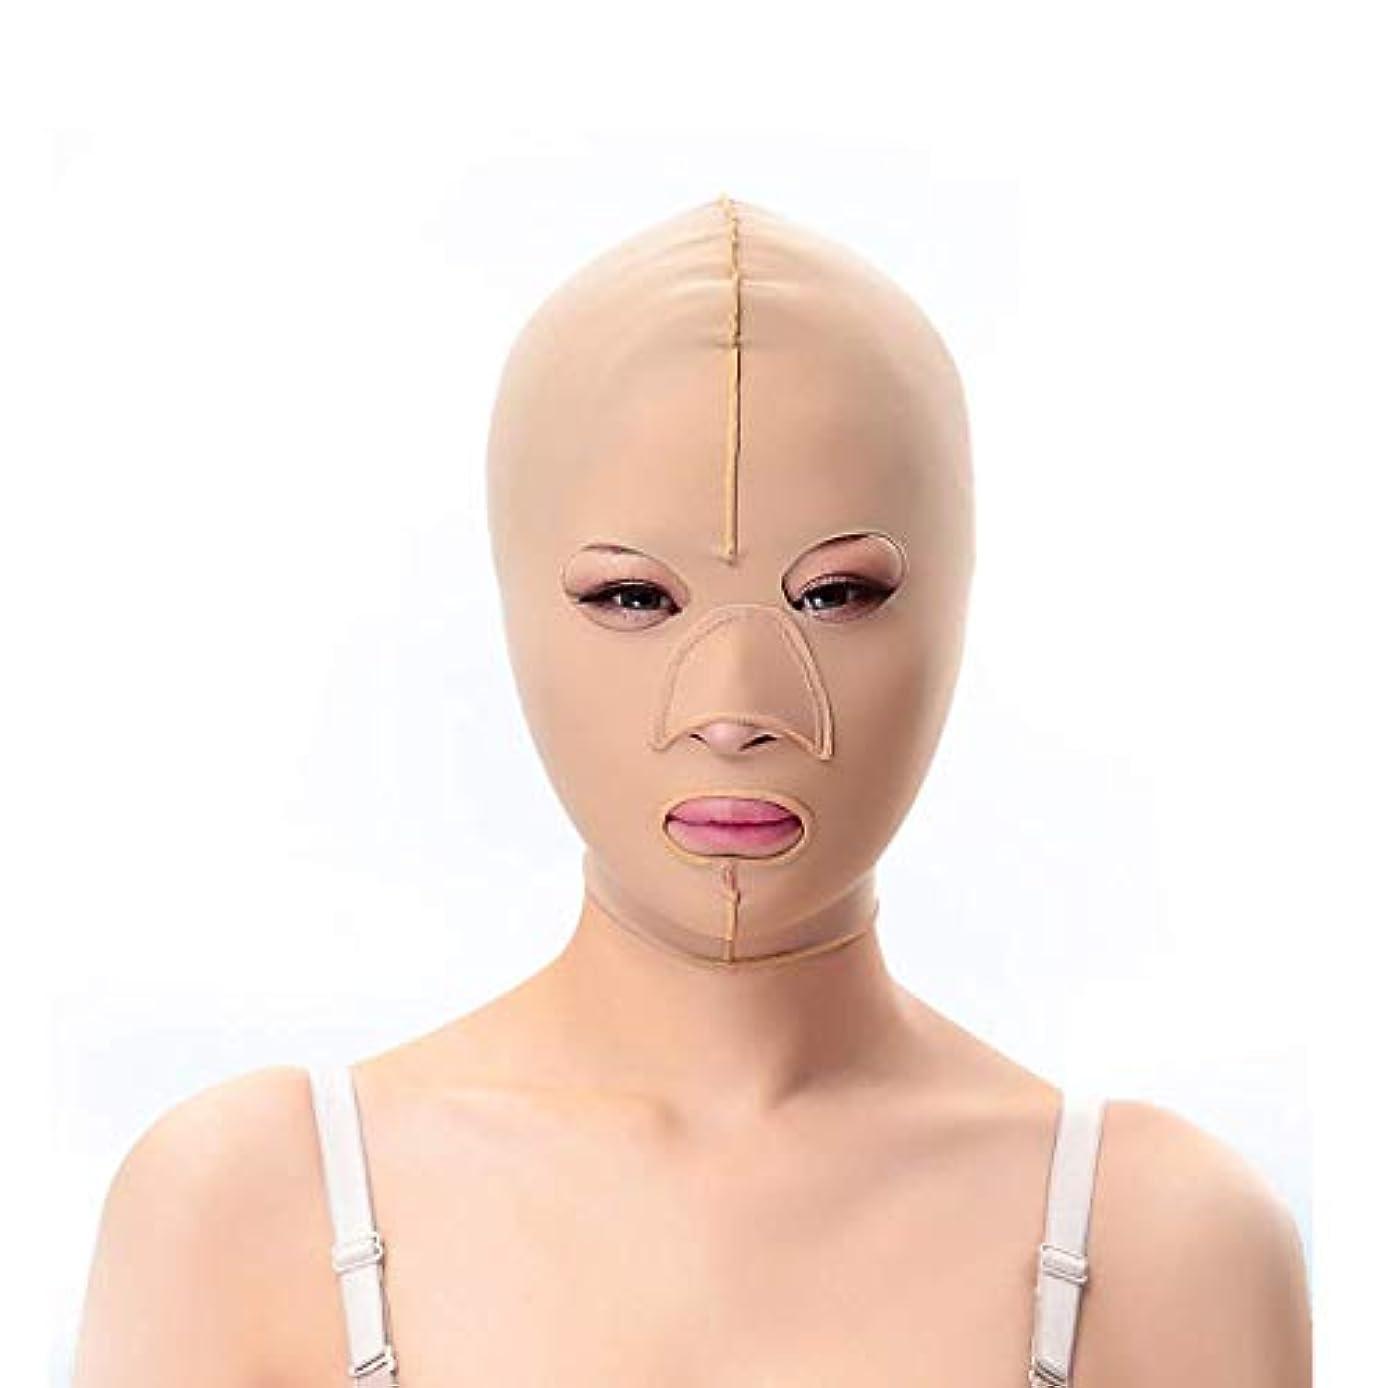 のためアトミックマダムスリミングベルト、二重あごの引き締め顔のプラスチックフェイスアーティファクト強力なフェイス包帯を脇に持ち上げるパターンを欺くためのフェイシャルマスクシンフェイスマスク(サイズ:L),S